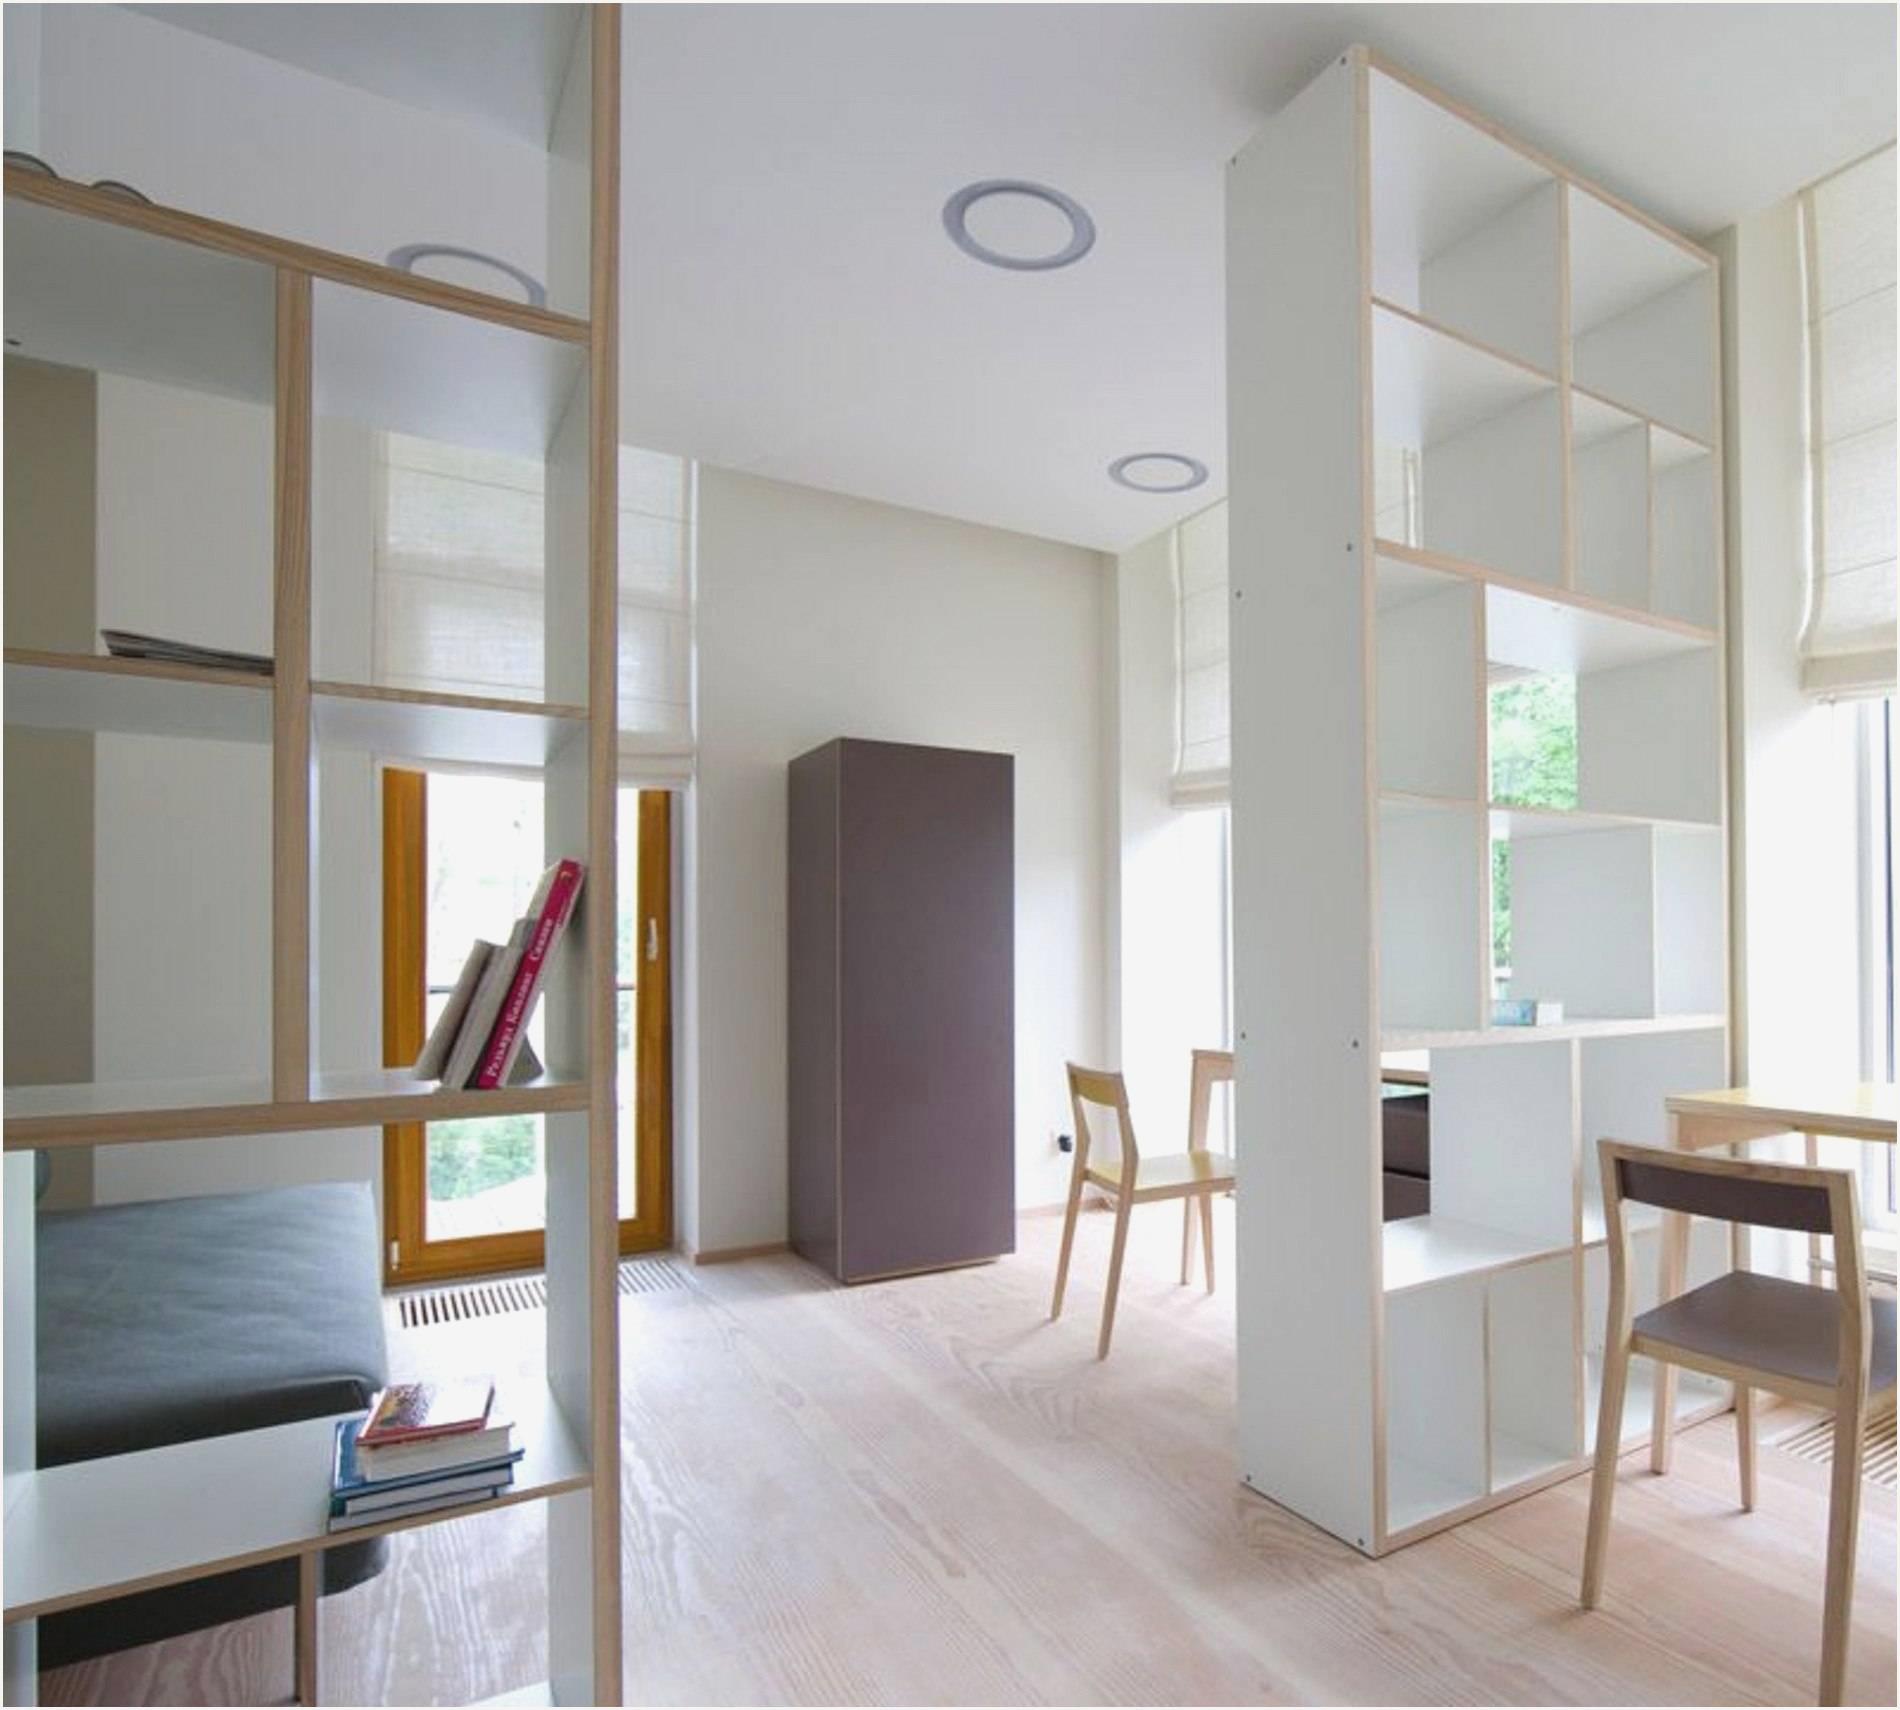 Full Size of Raumteiler Ikea 09gartenmbel Set Wohn Schlafzimmer Küche Kosten Miniküche Betten Bei Regal Sofa Mit Schlaffunktion Kaufen 160x200 Modulküche Wohnzimmer Raumteiler Ikea